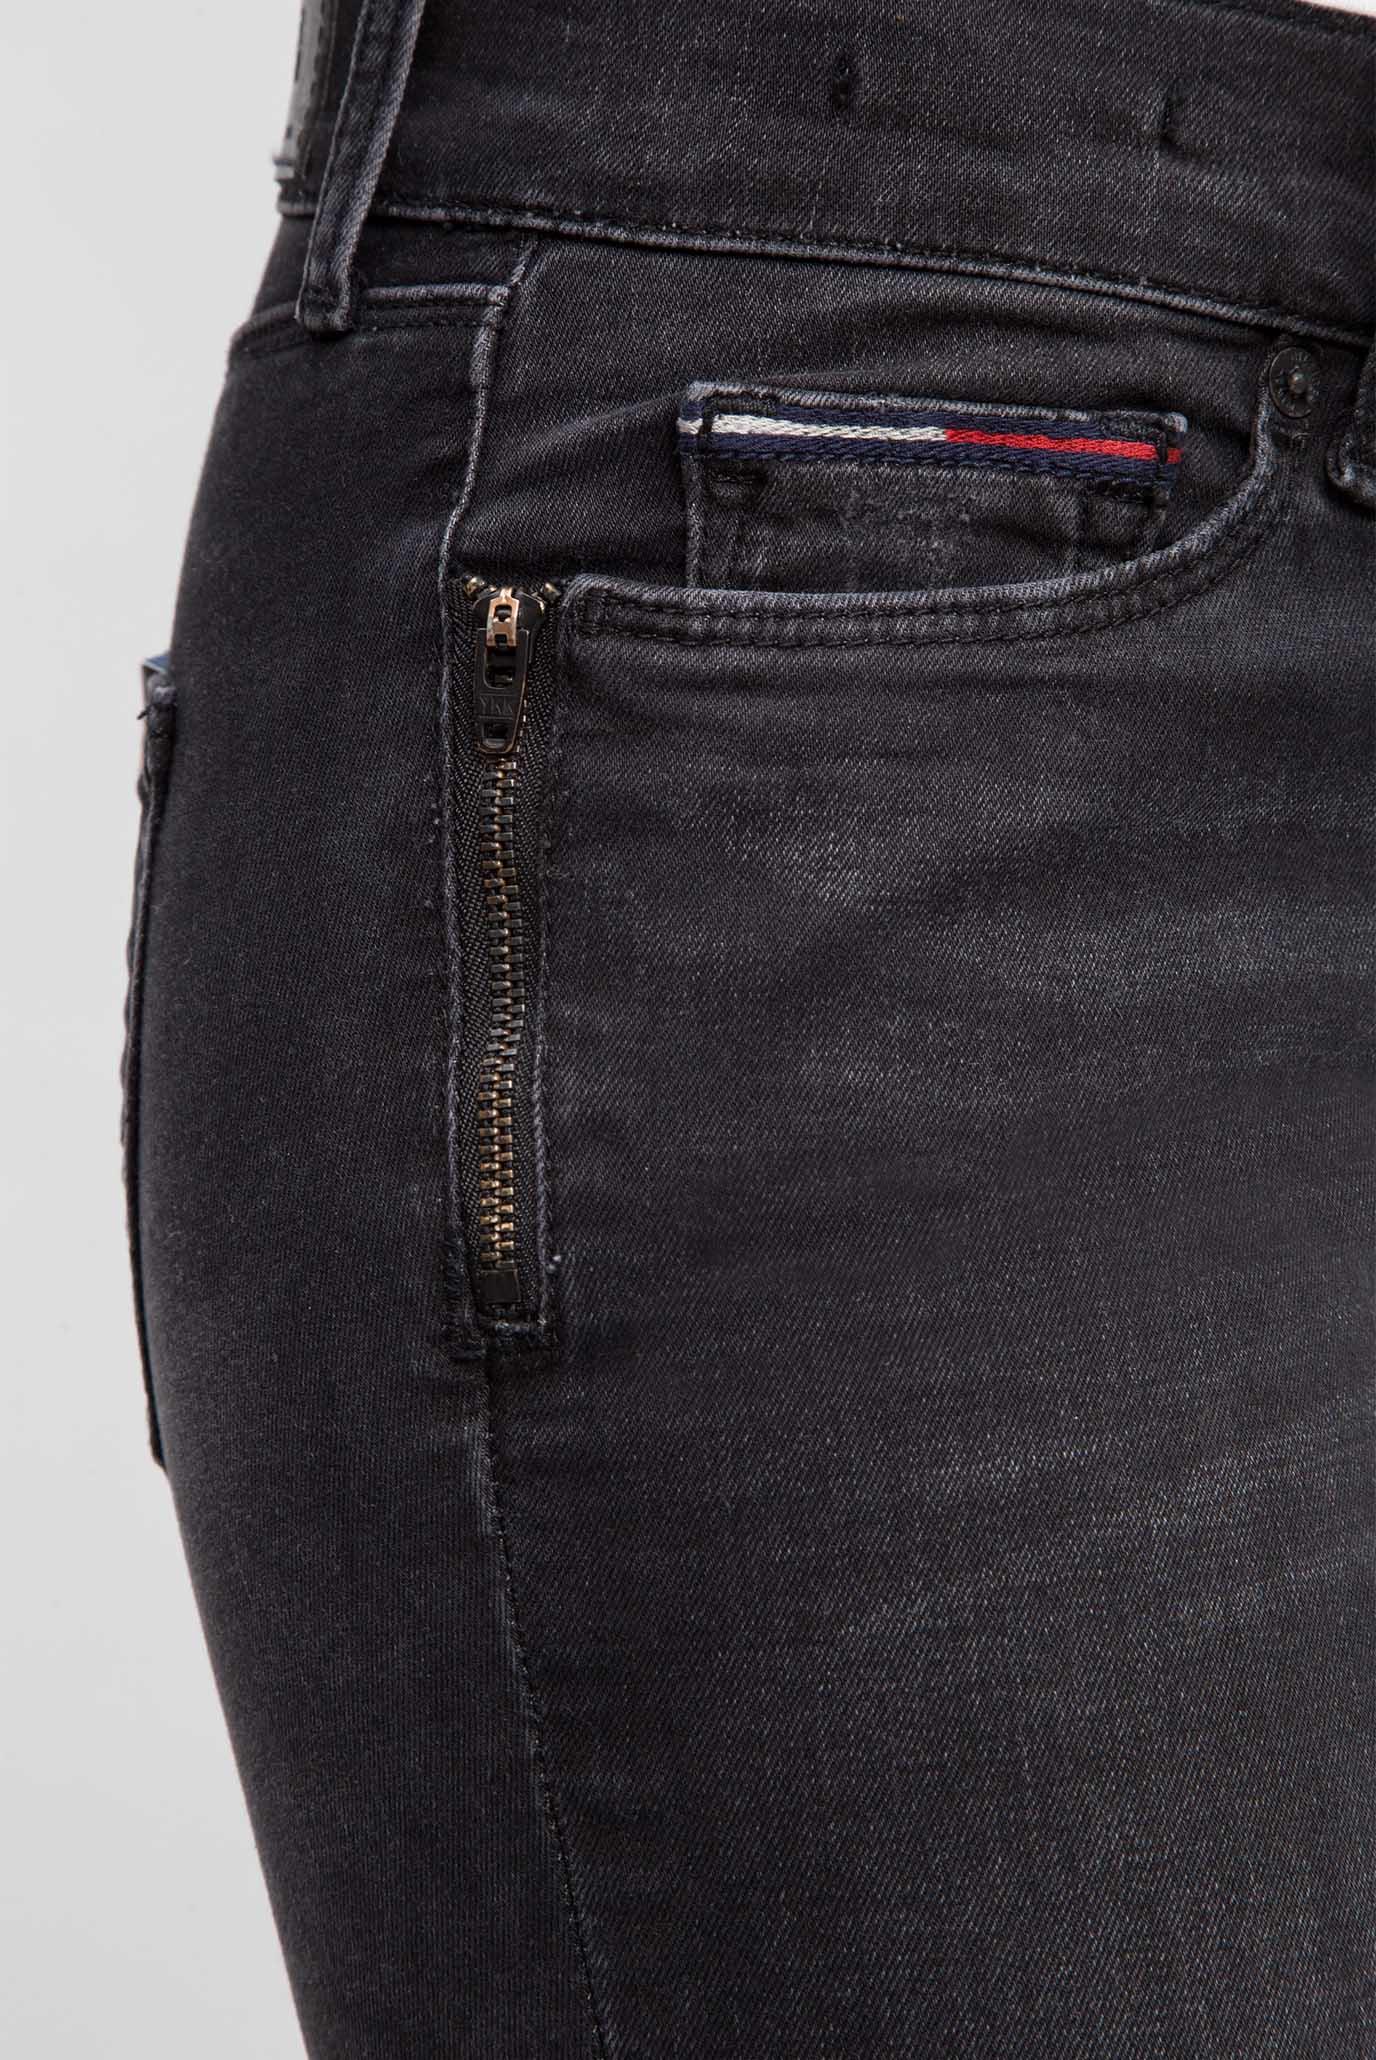 Купить Женские черные джинсы MID RISE SKINNY NORA 7/8 ZIP NIBST Tommy Hilfiger Tommy Hilfiger DW0DW02403 – Киев, Украина. Цены в интернет магазине MD Fashion